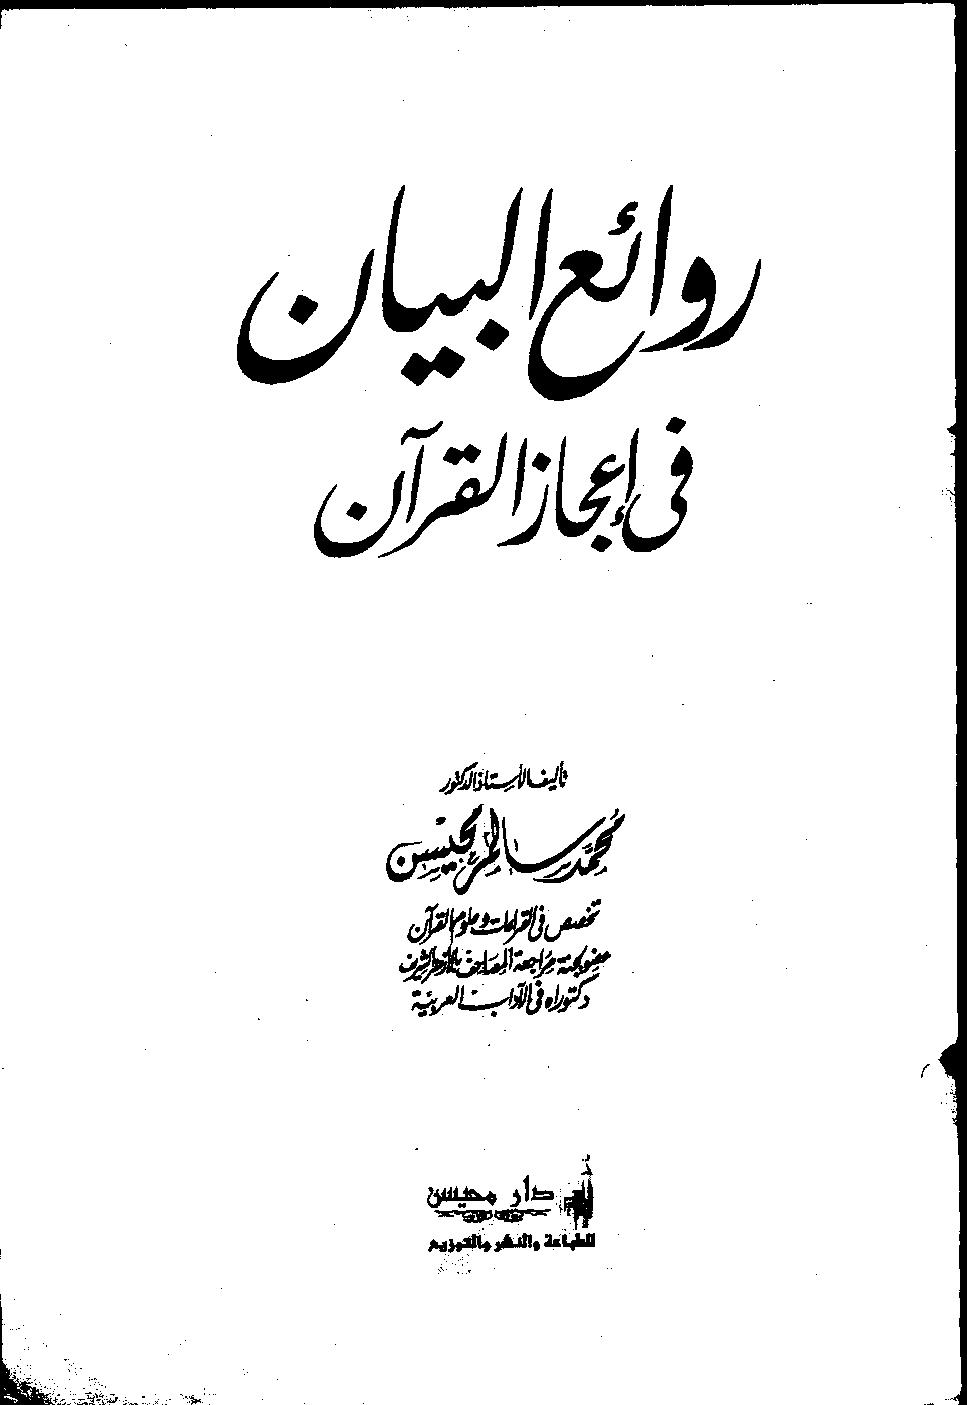 تحميل كتاب روائع البيان في إعجاز القرآن لـِ: الدكتور محمد محمد محمد سالم محيسن (ت 1422)